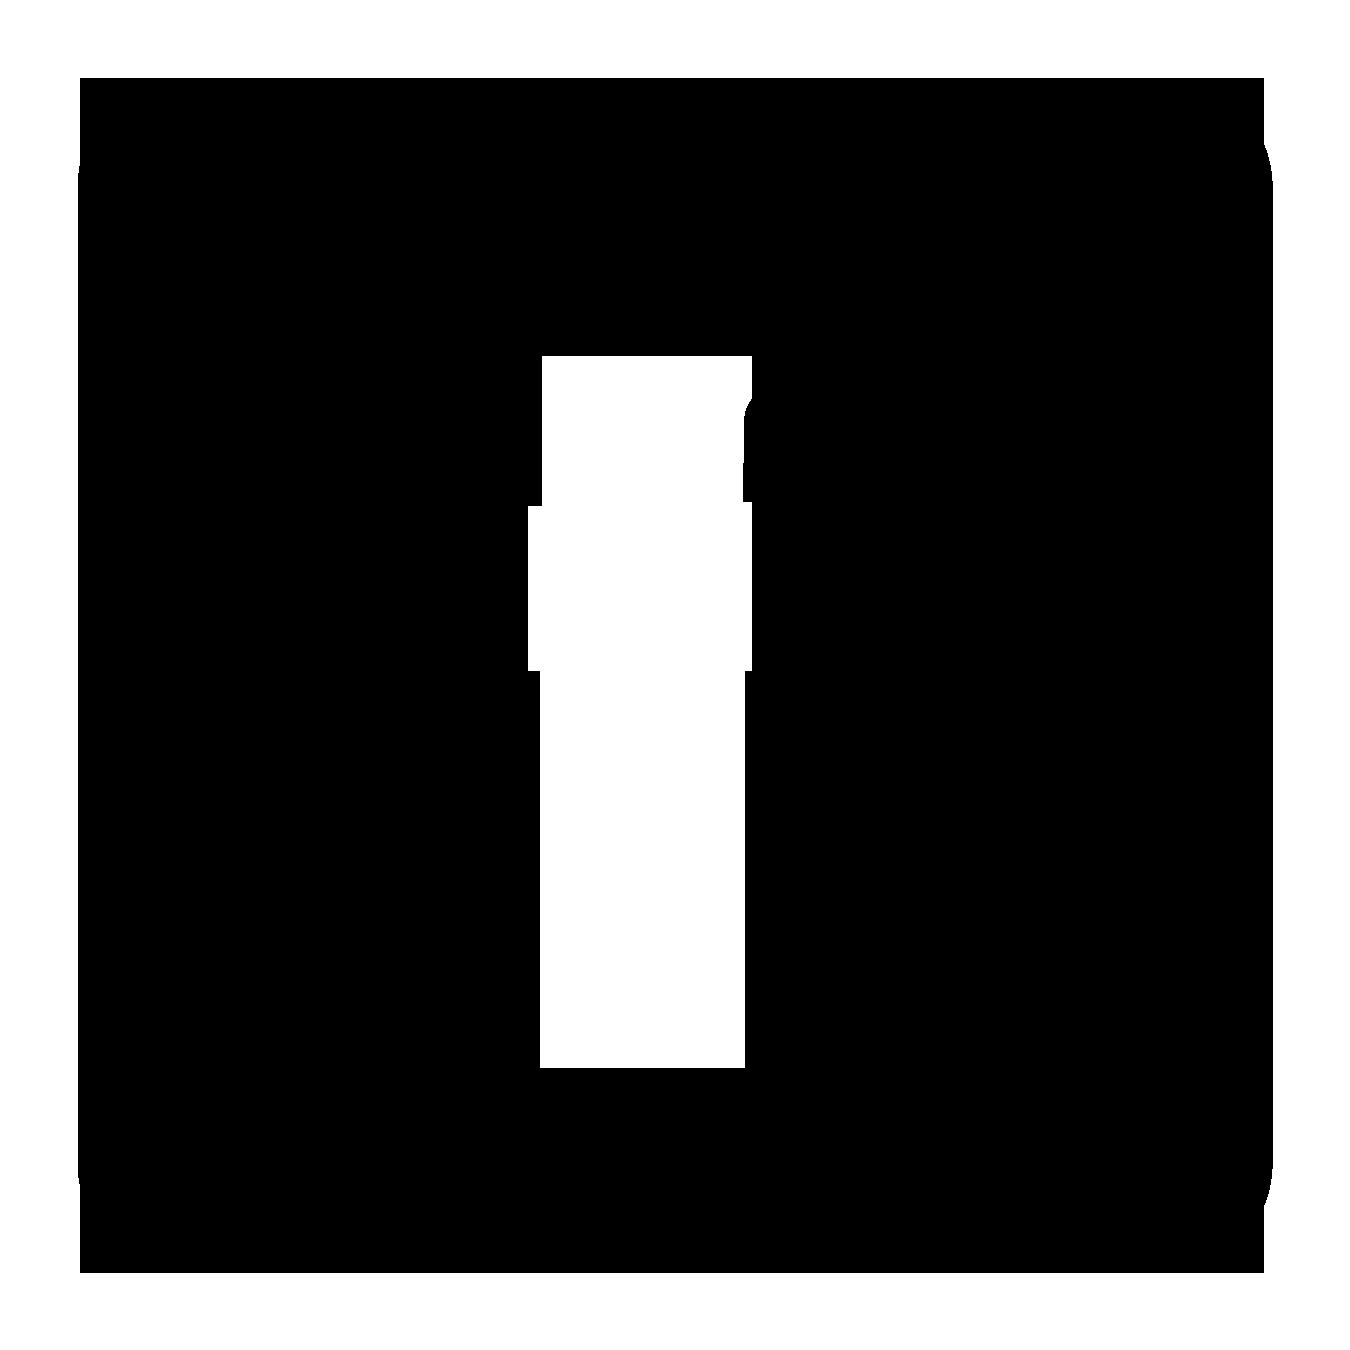 Facebook Logo Vector Logospike Com Famous And Free Vector Logos Logotipo De Coruja Quadros Para Barbearia Logotipo